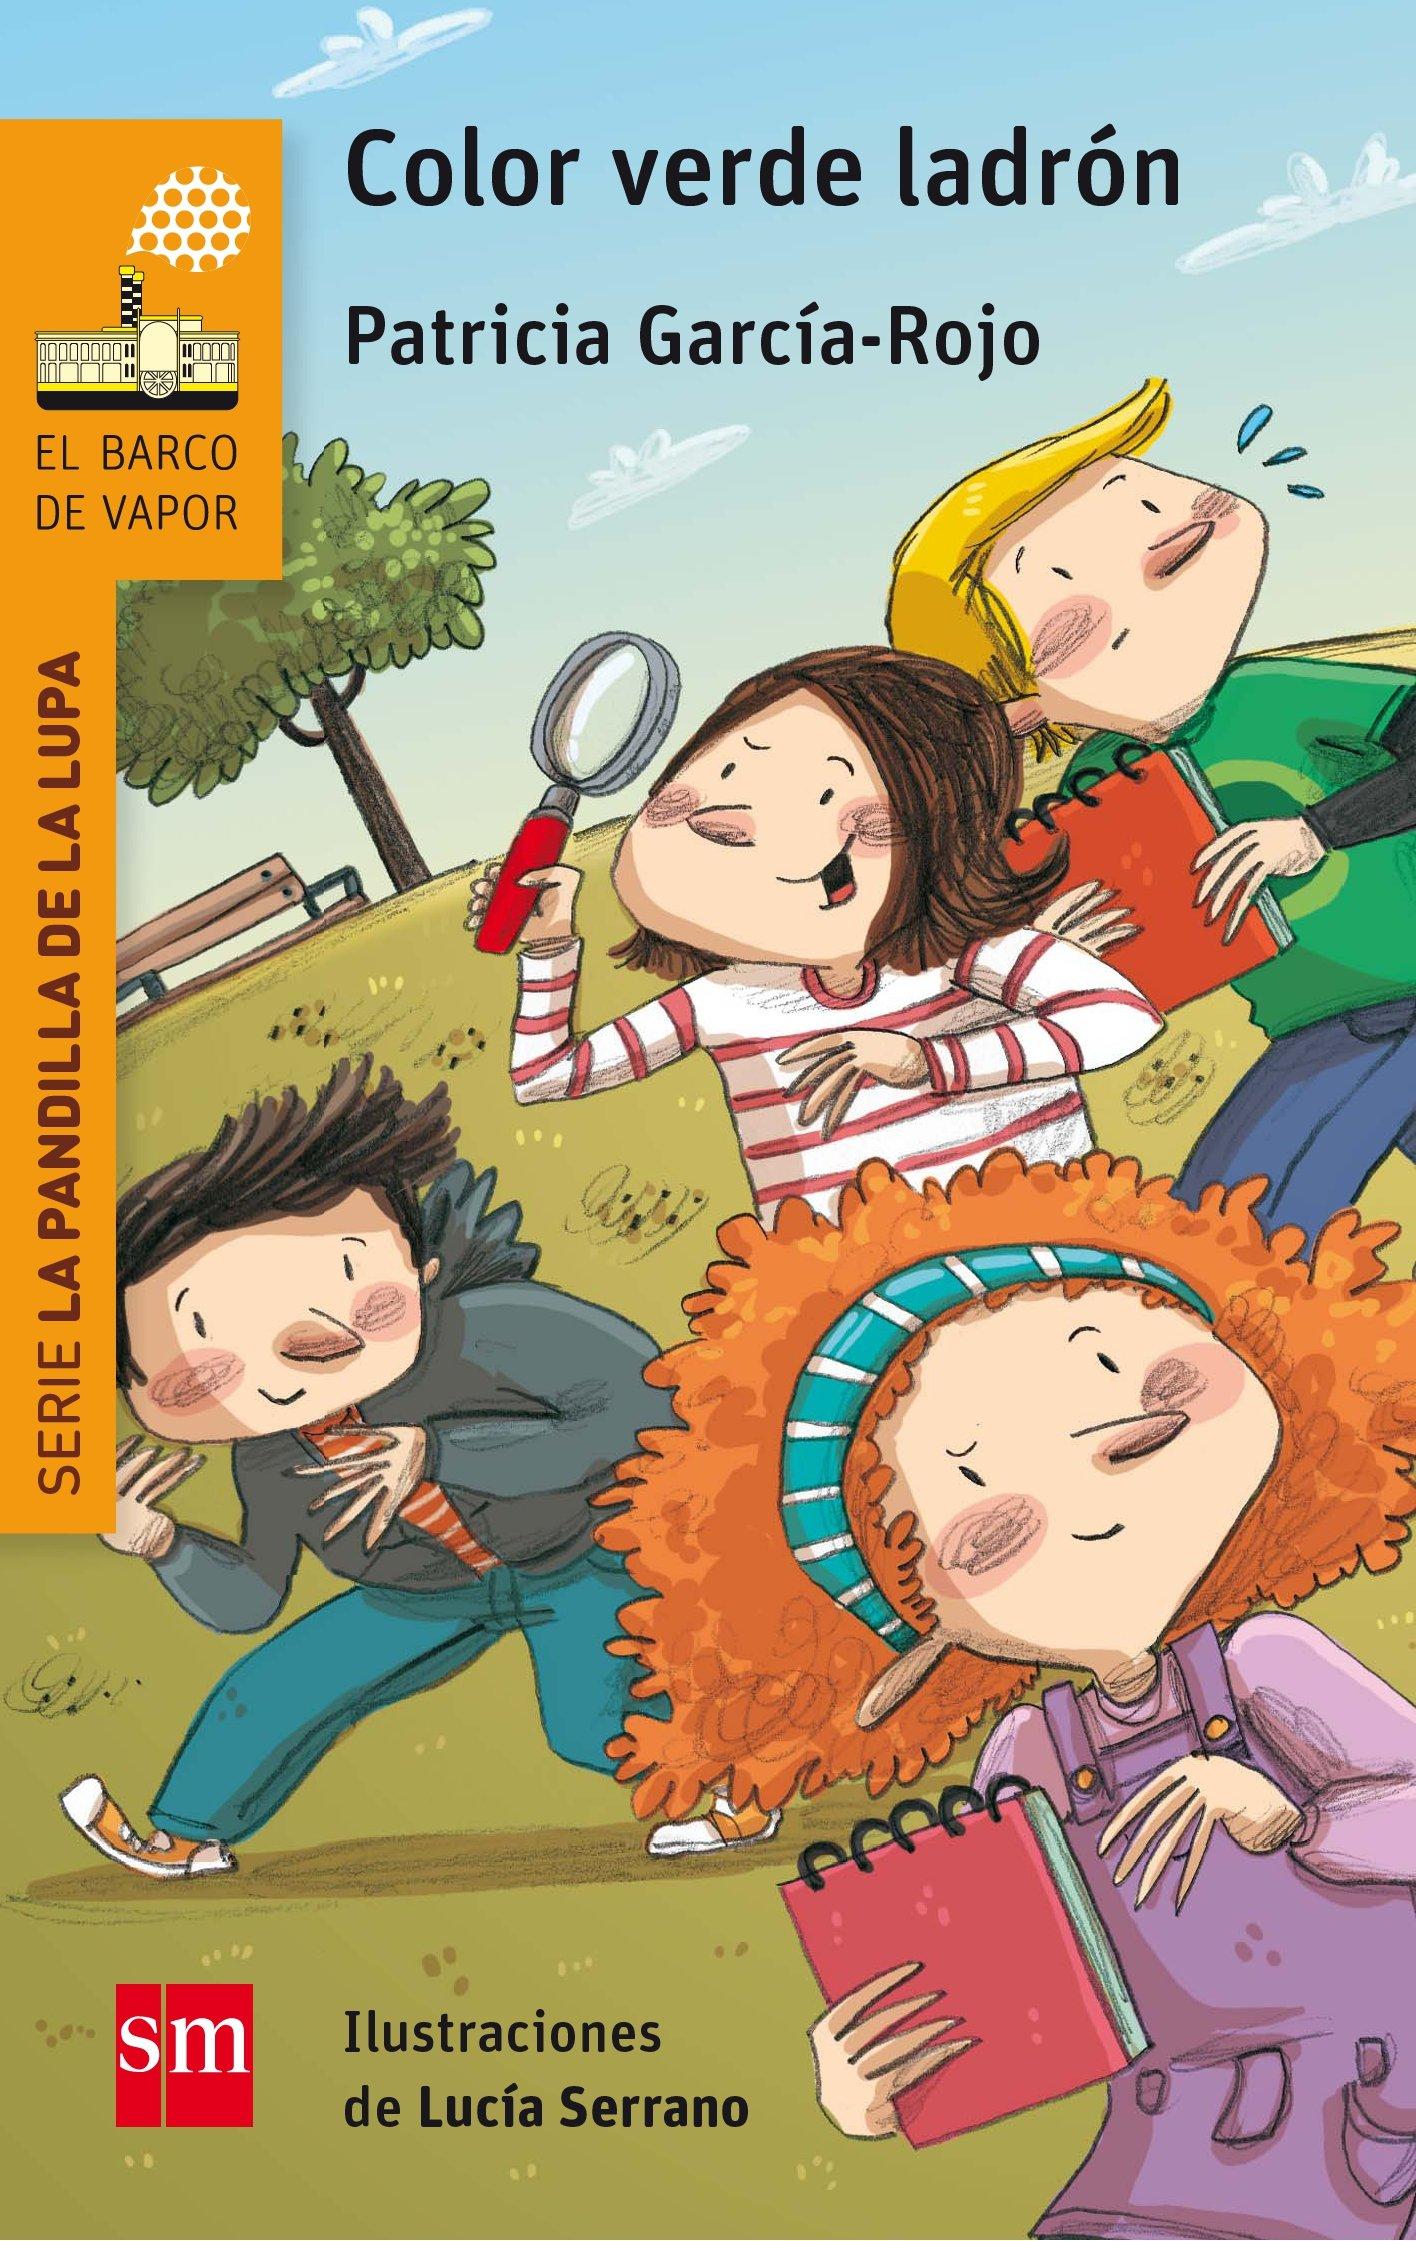 Color verde ladrón (El Barco de Vapor Naranja): Amazon.es: Patricia García-Rojo Cantón, Lucía Serrano Guerrero: Libros